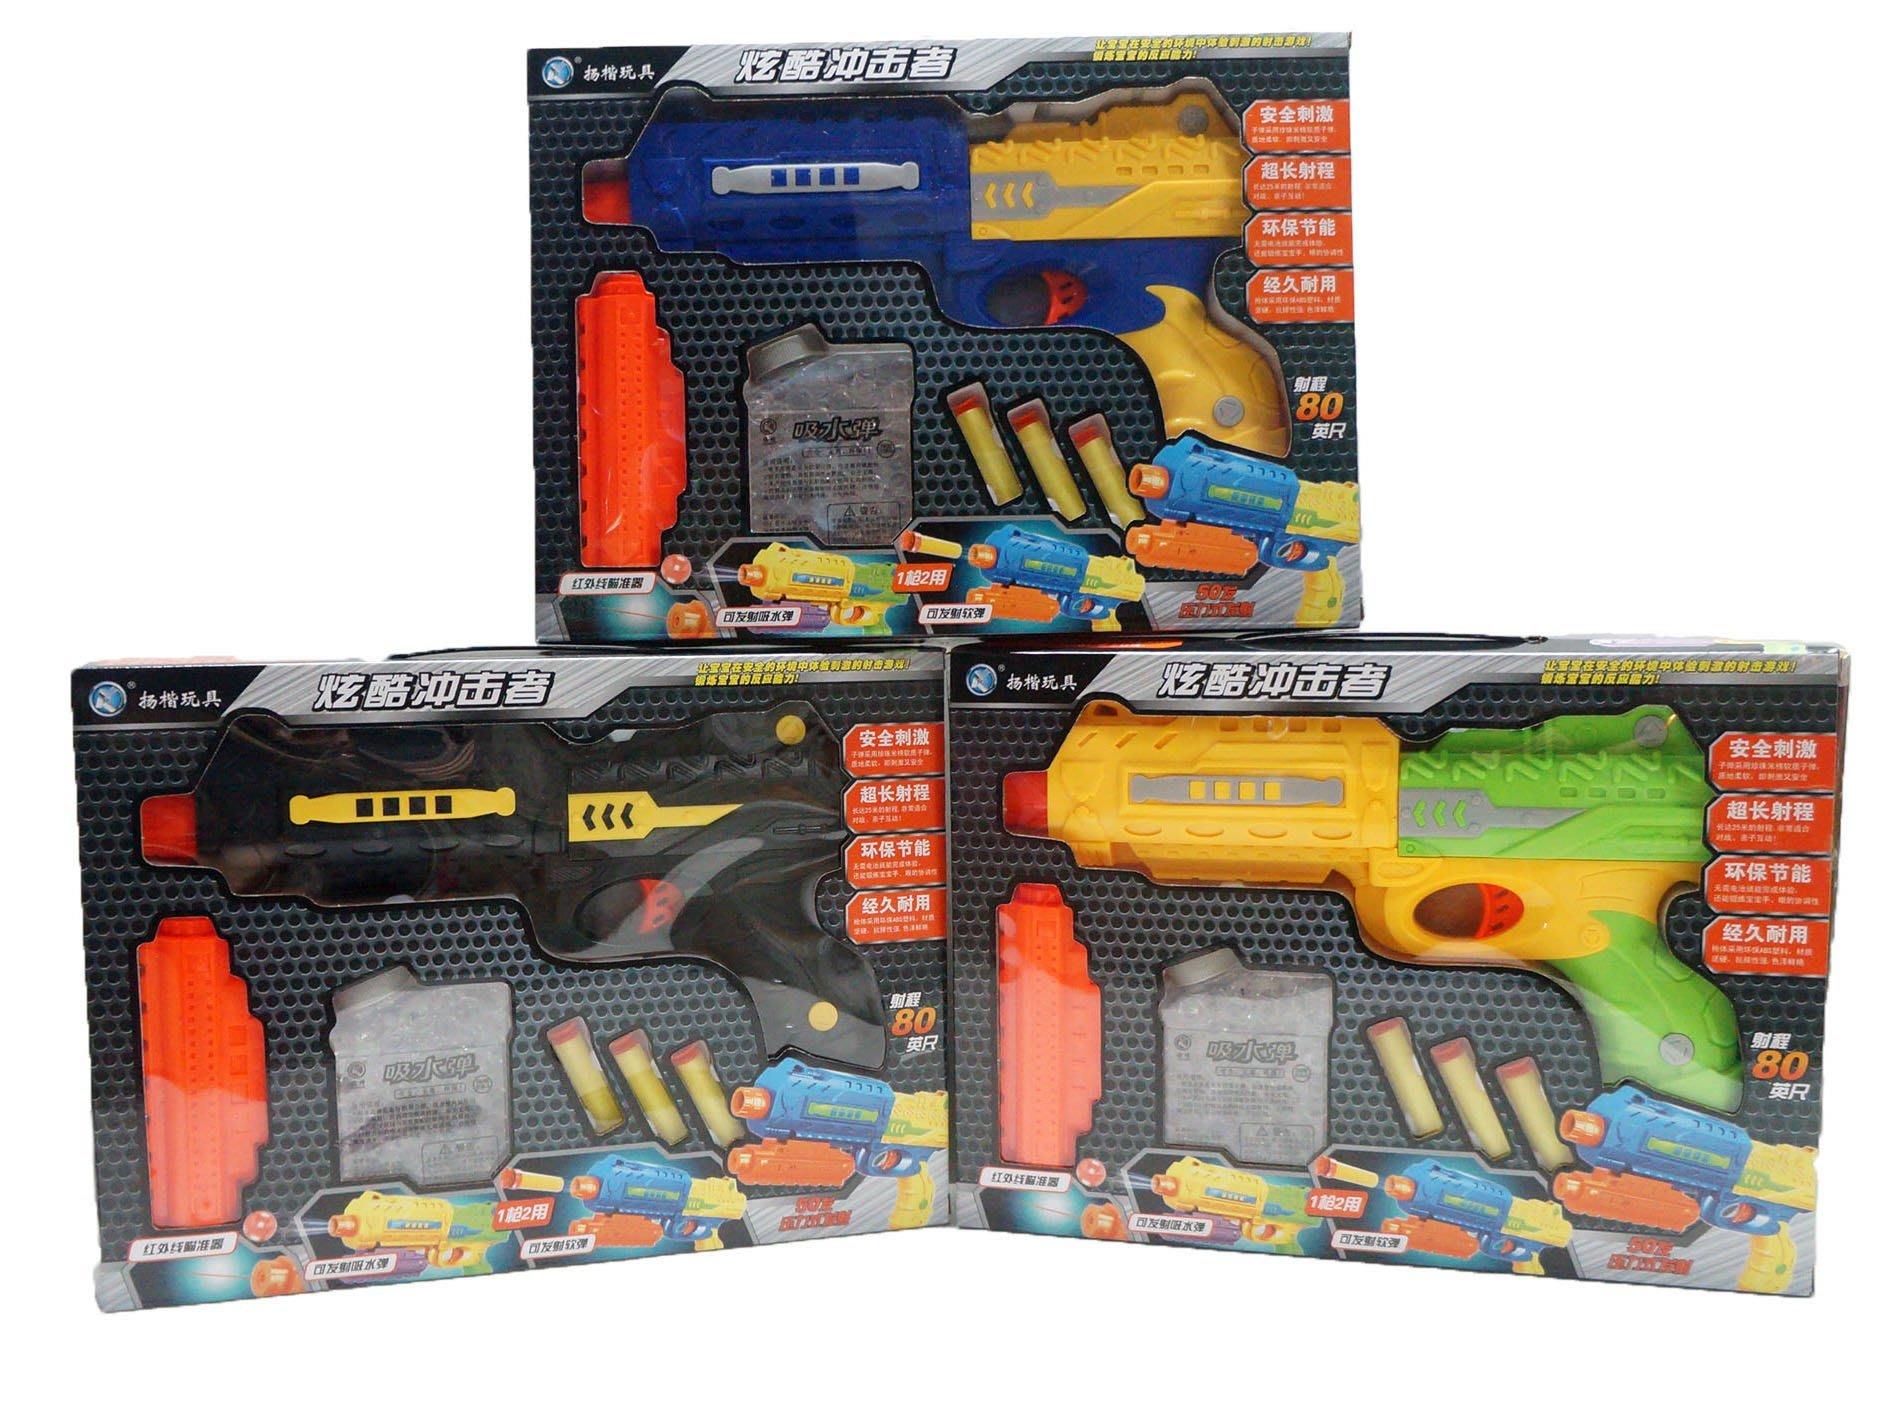 佳佳玩具 ----- 水彈槍 水晶 軟彈槍 爆裂彩彈 一槍兩用 公司活動 團康 露營 大地遊戲 【CF117020】